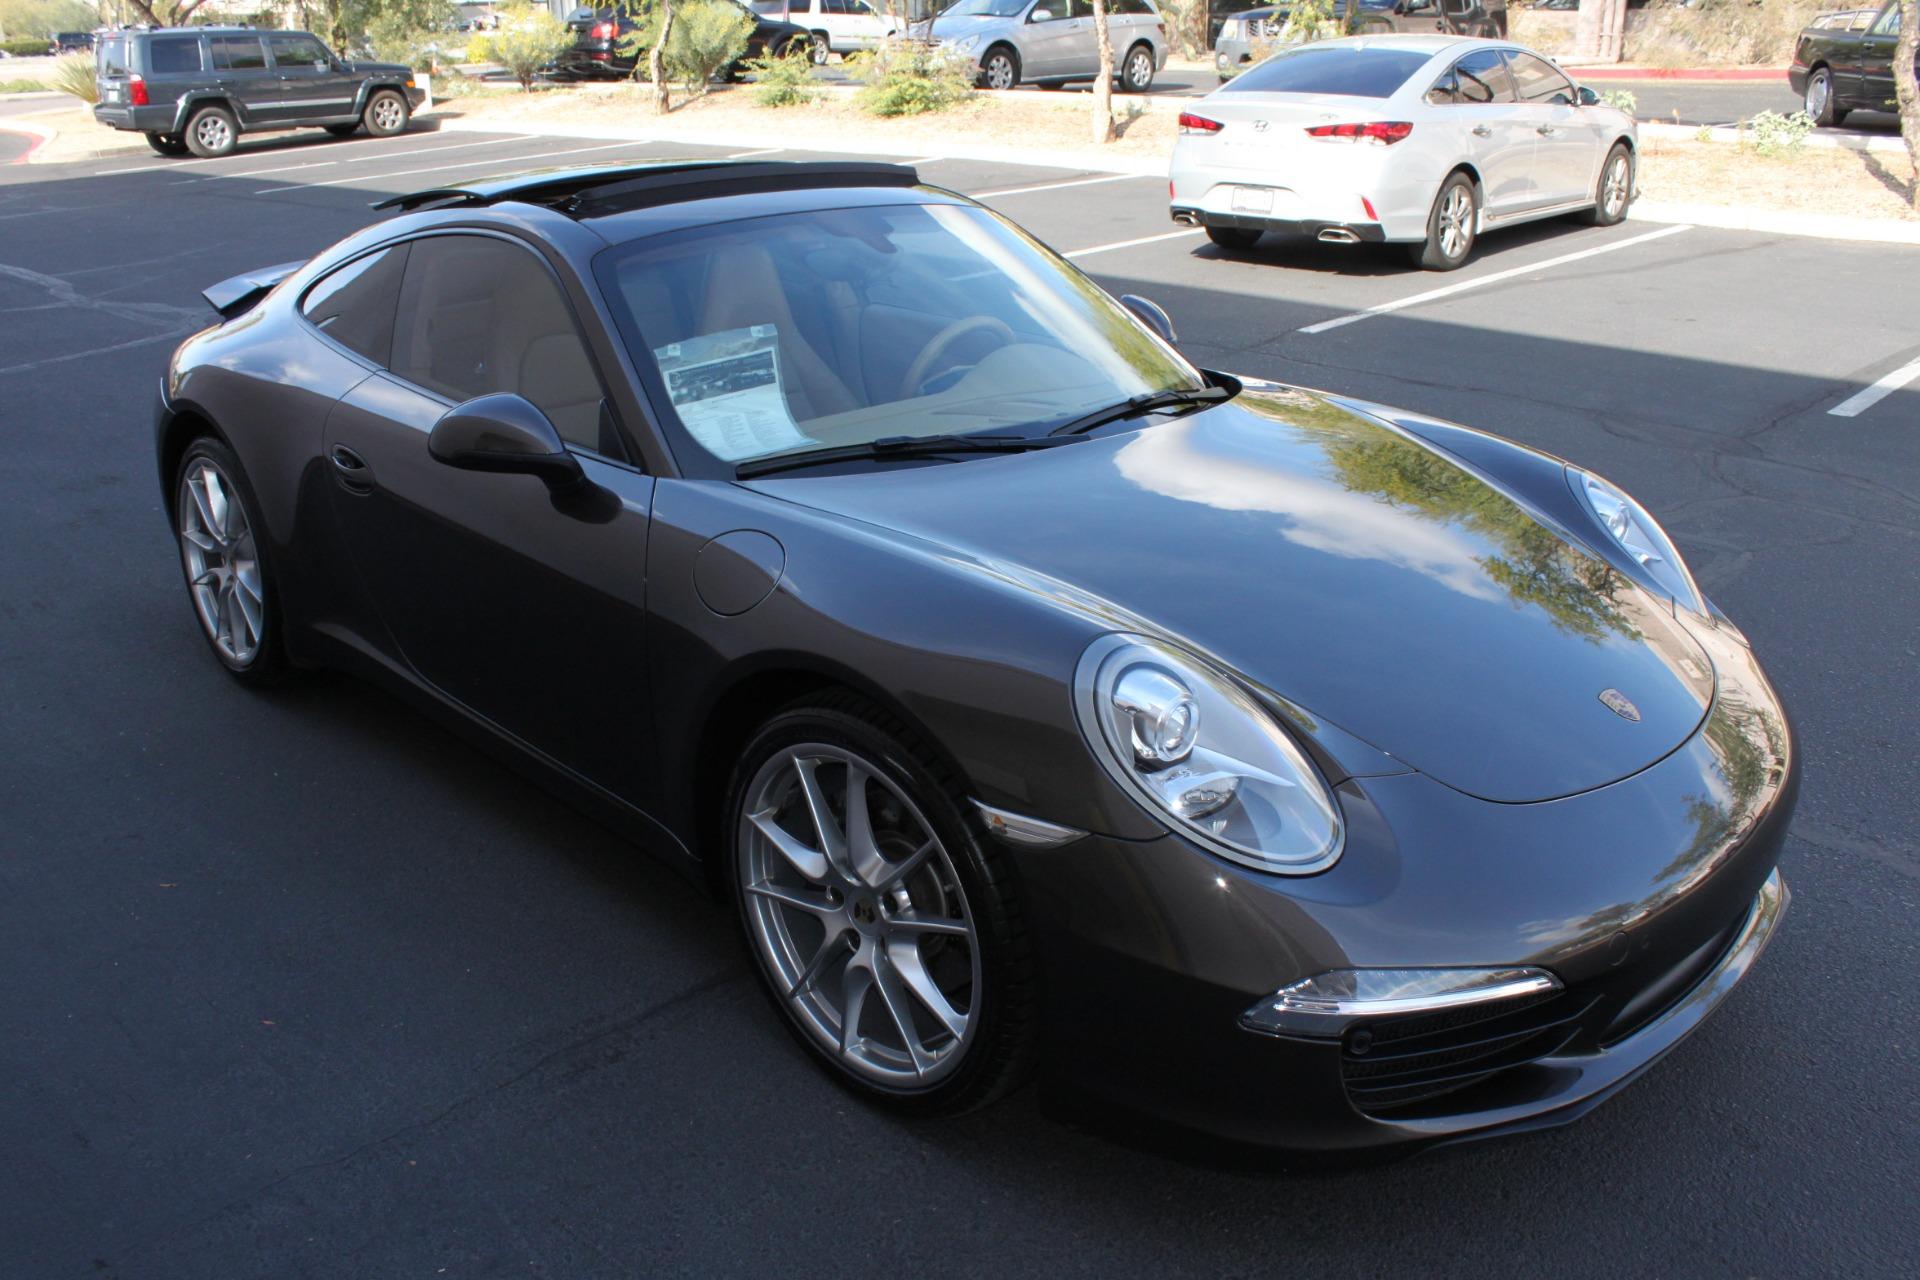 Used-2012-Porsche-911-Carrera-Range-Rover